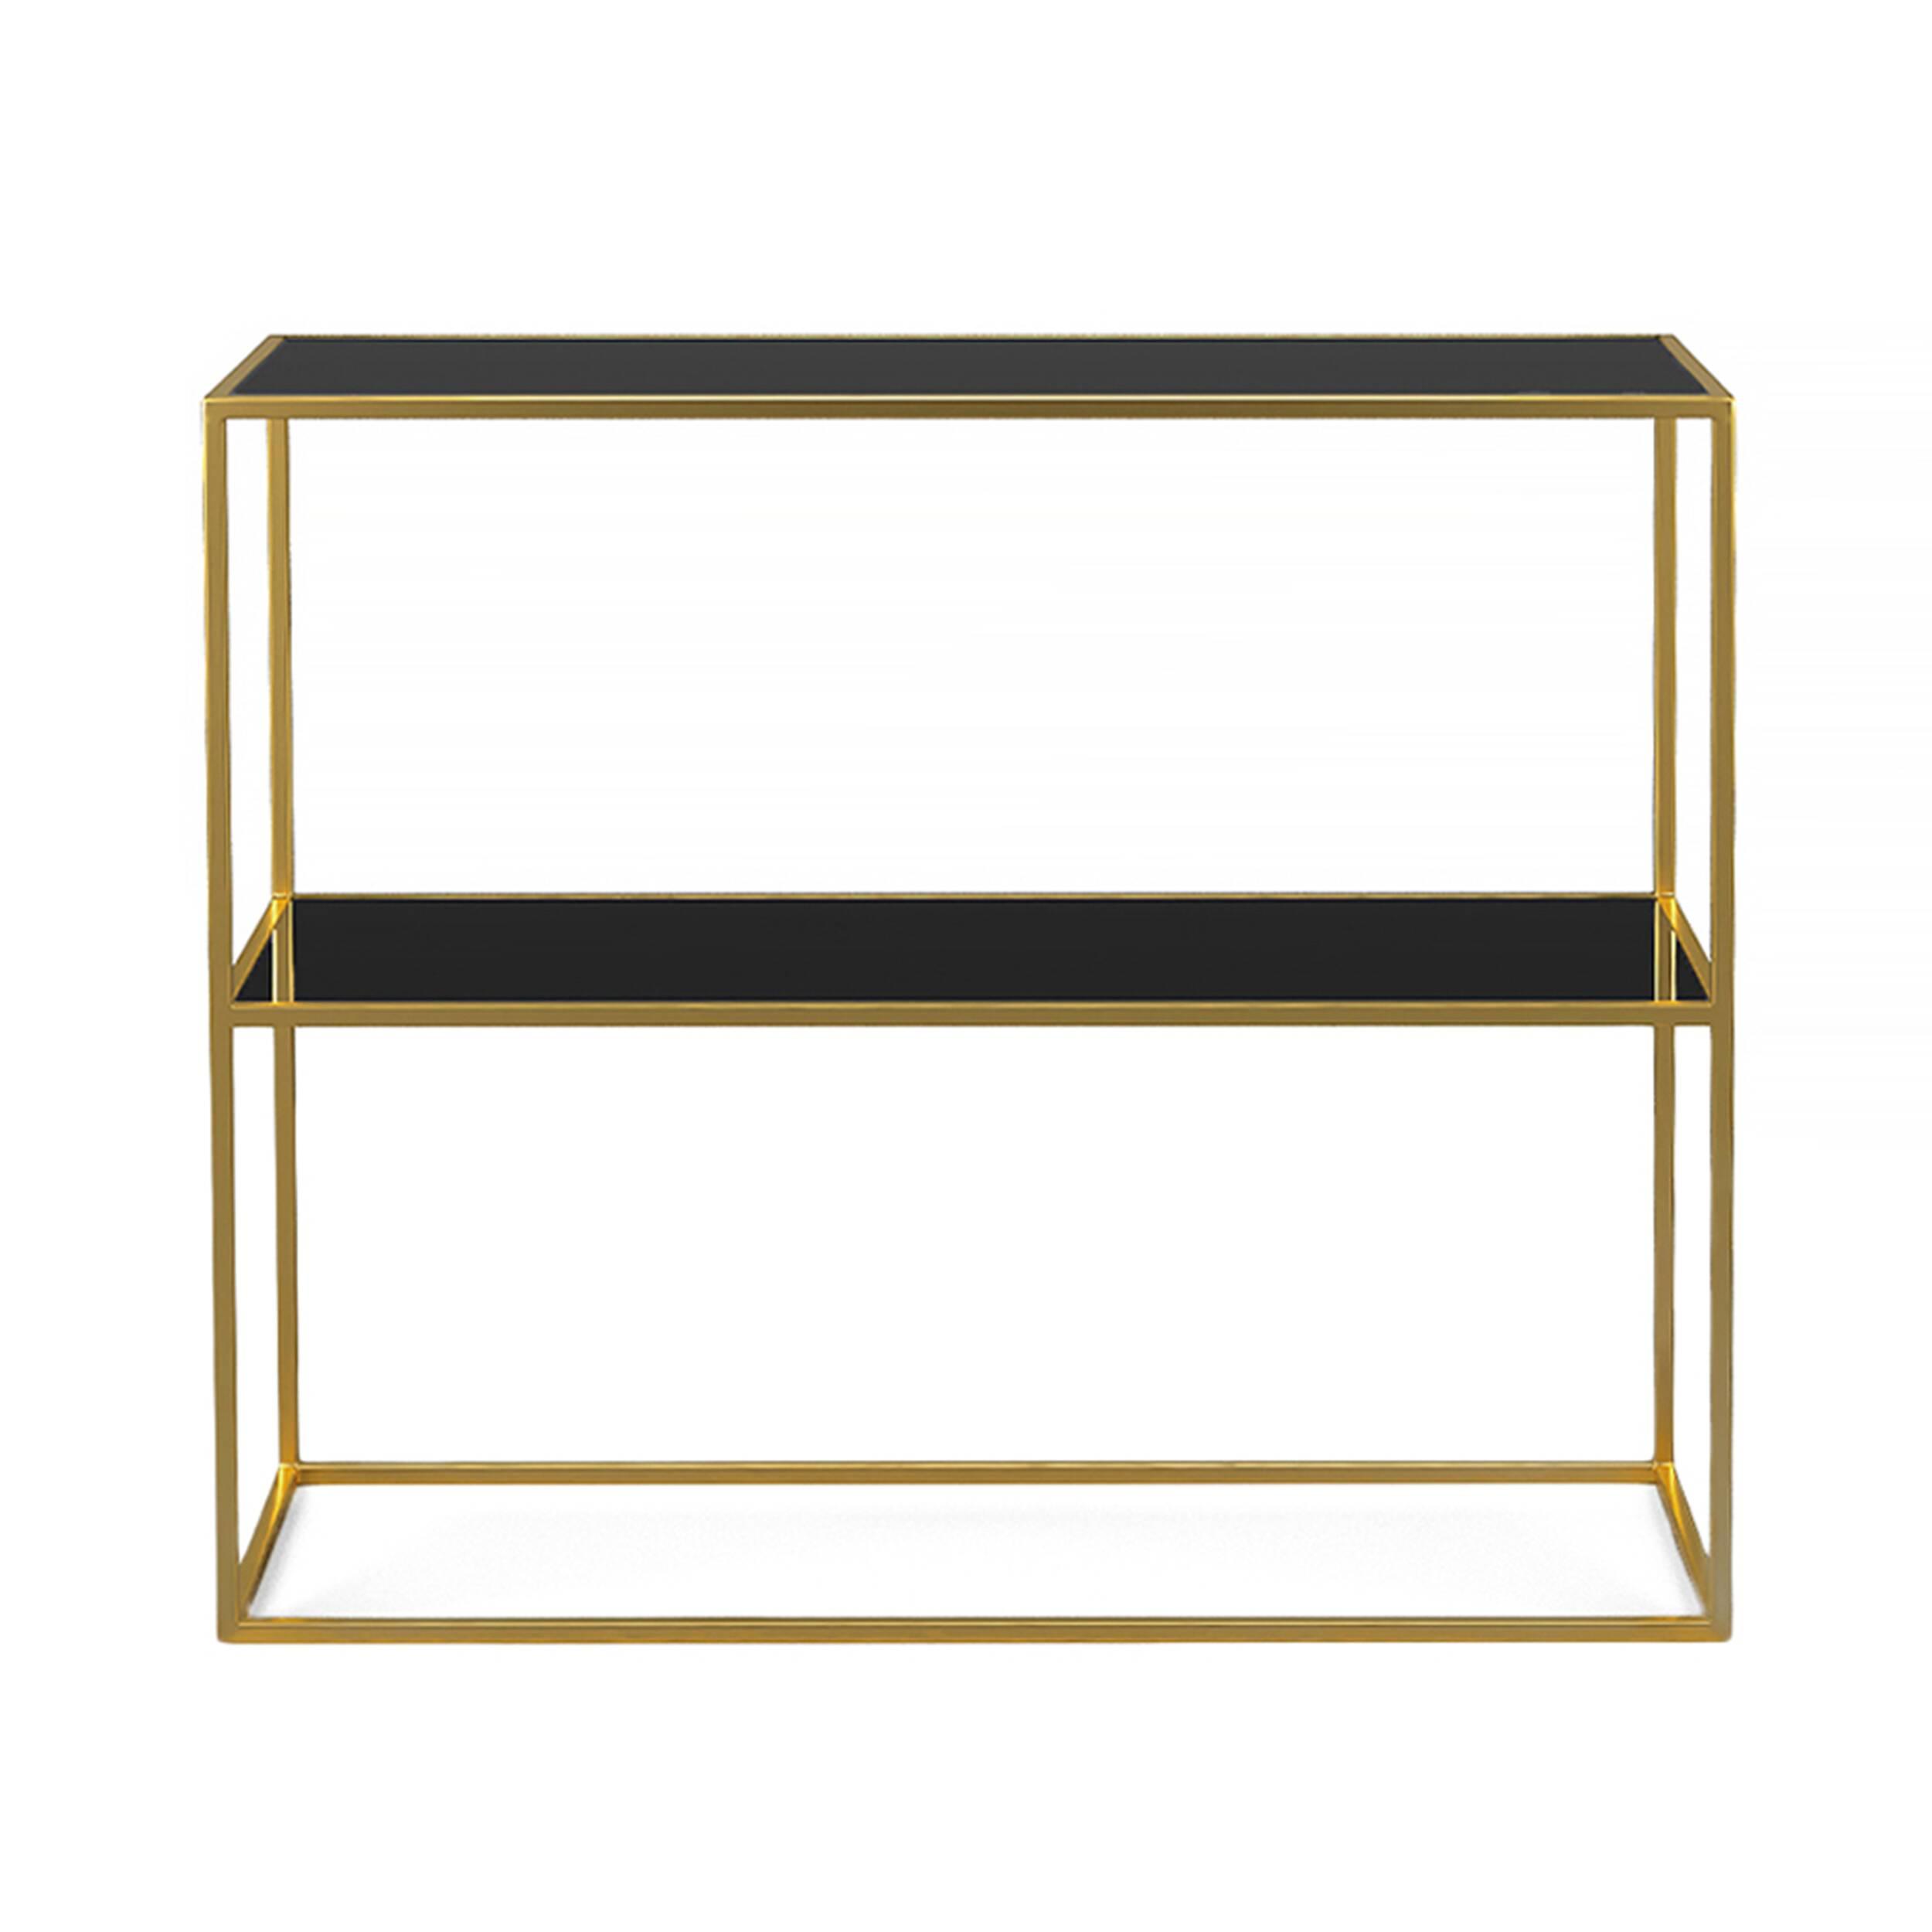 Стеллаж Rash gold черное стекло что можно в дьюти фри в домодедово